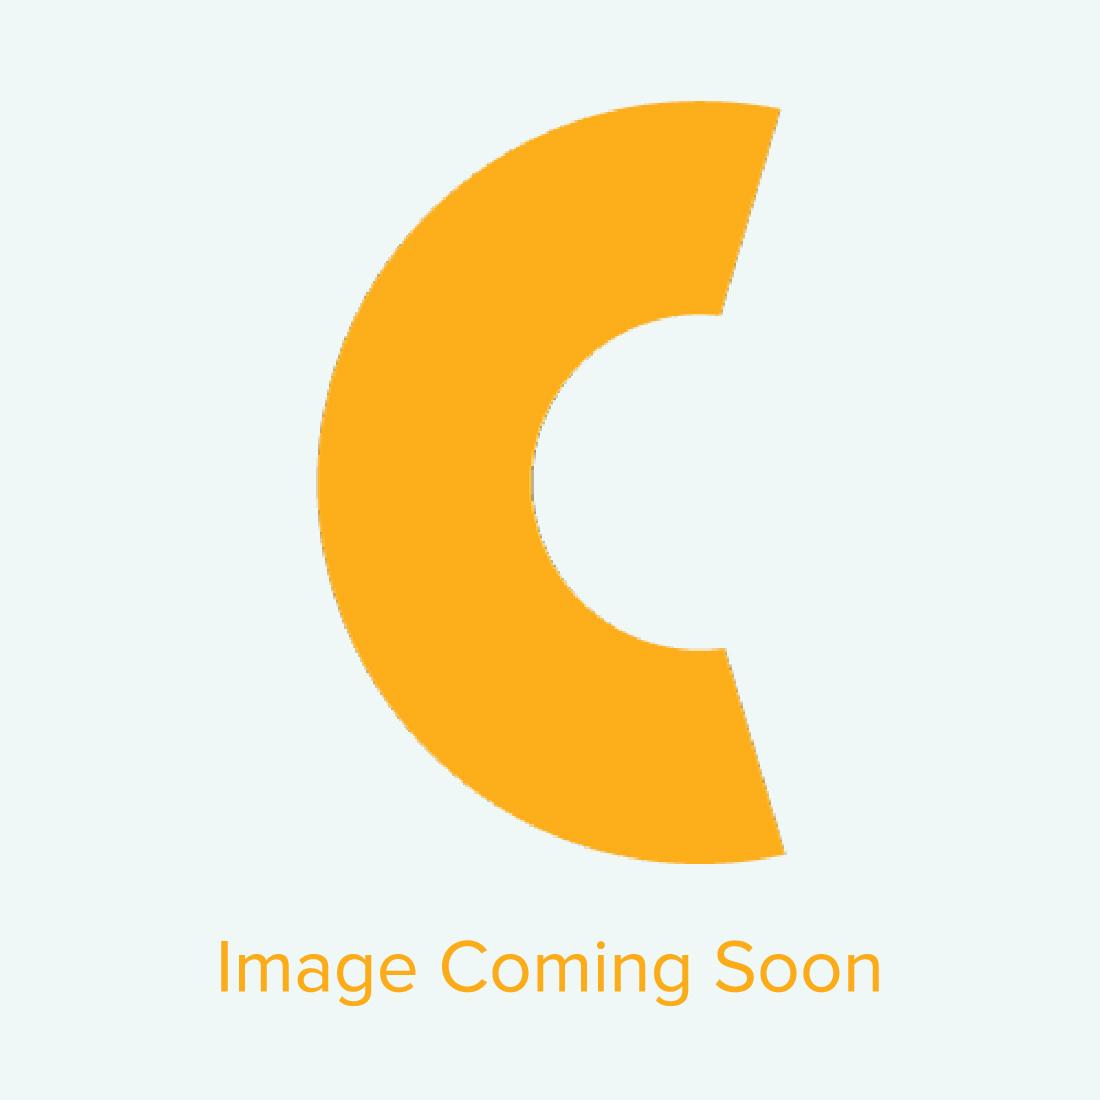 FC8600-100, FC8000-100, FC7000 MK2-100, FC7000-100 - Replacement Cutting Strip